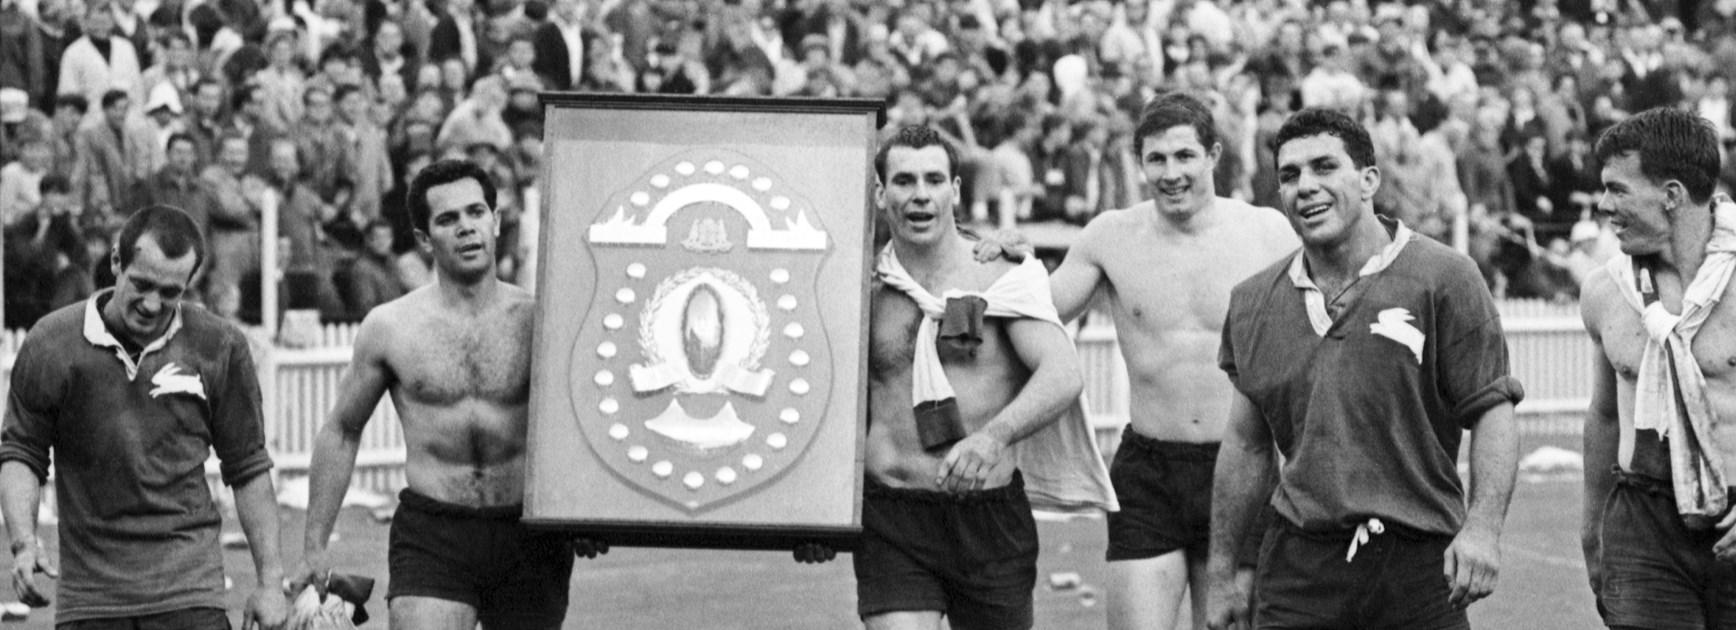 1967 grand final rewind: Souths end an era, kick off a new one